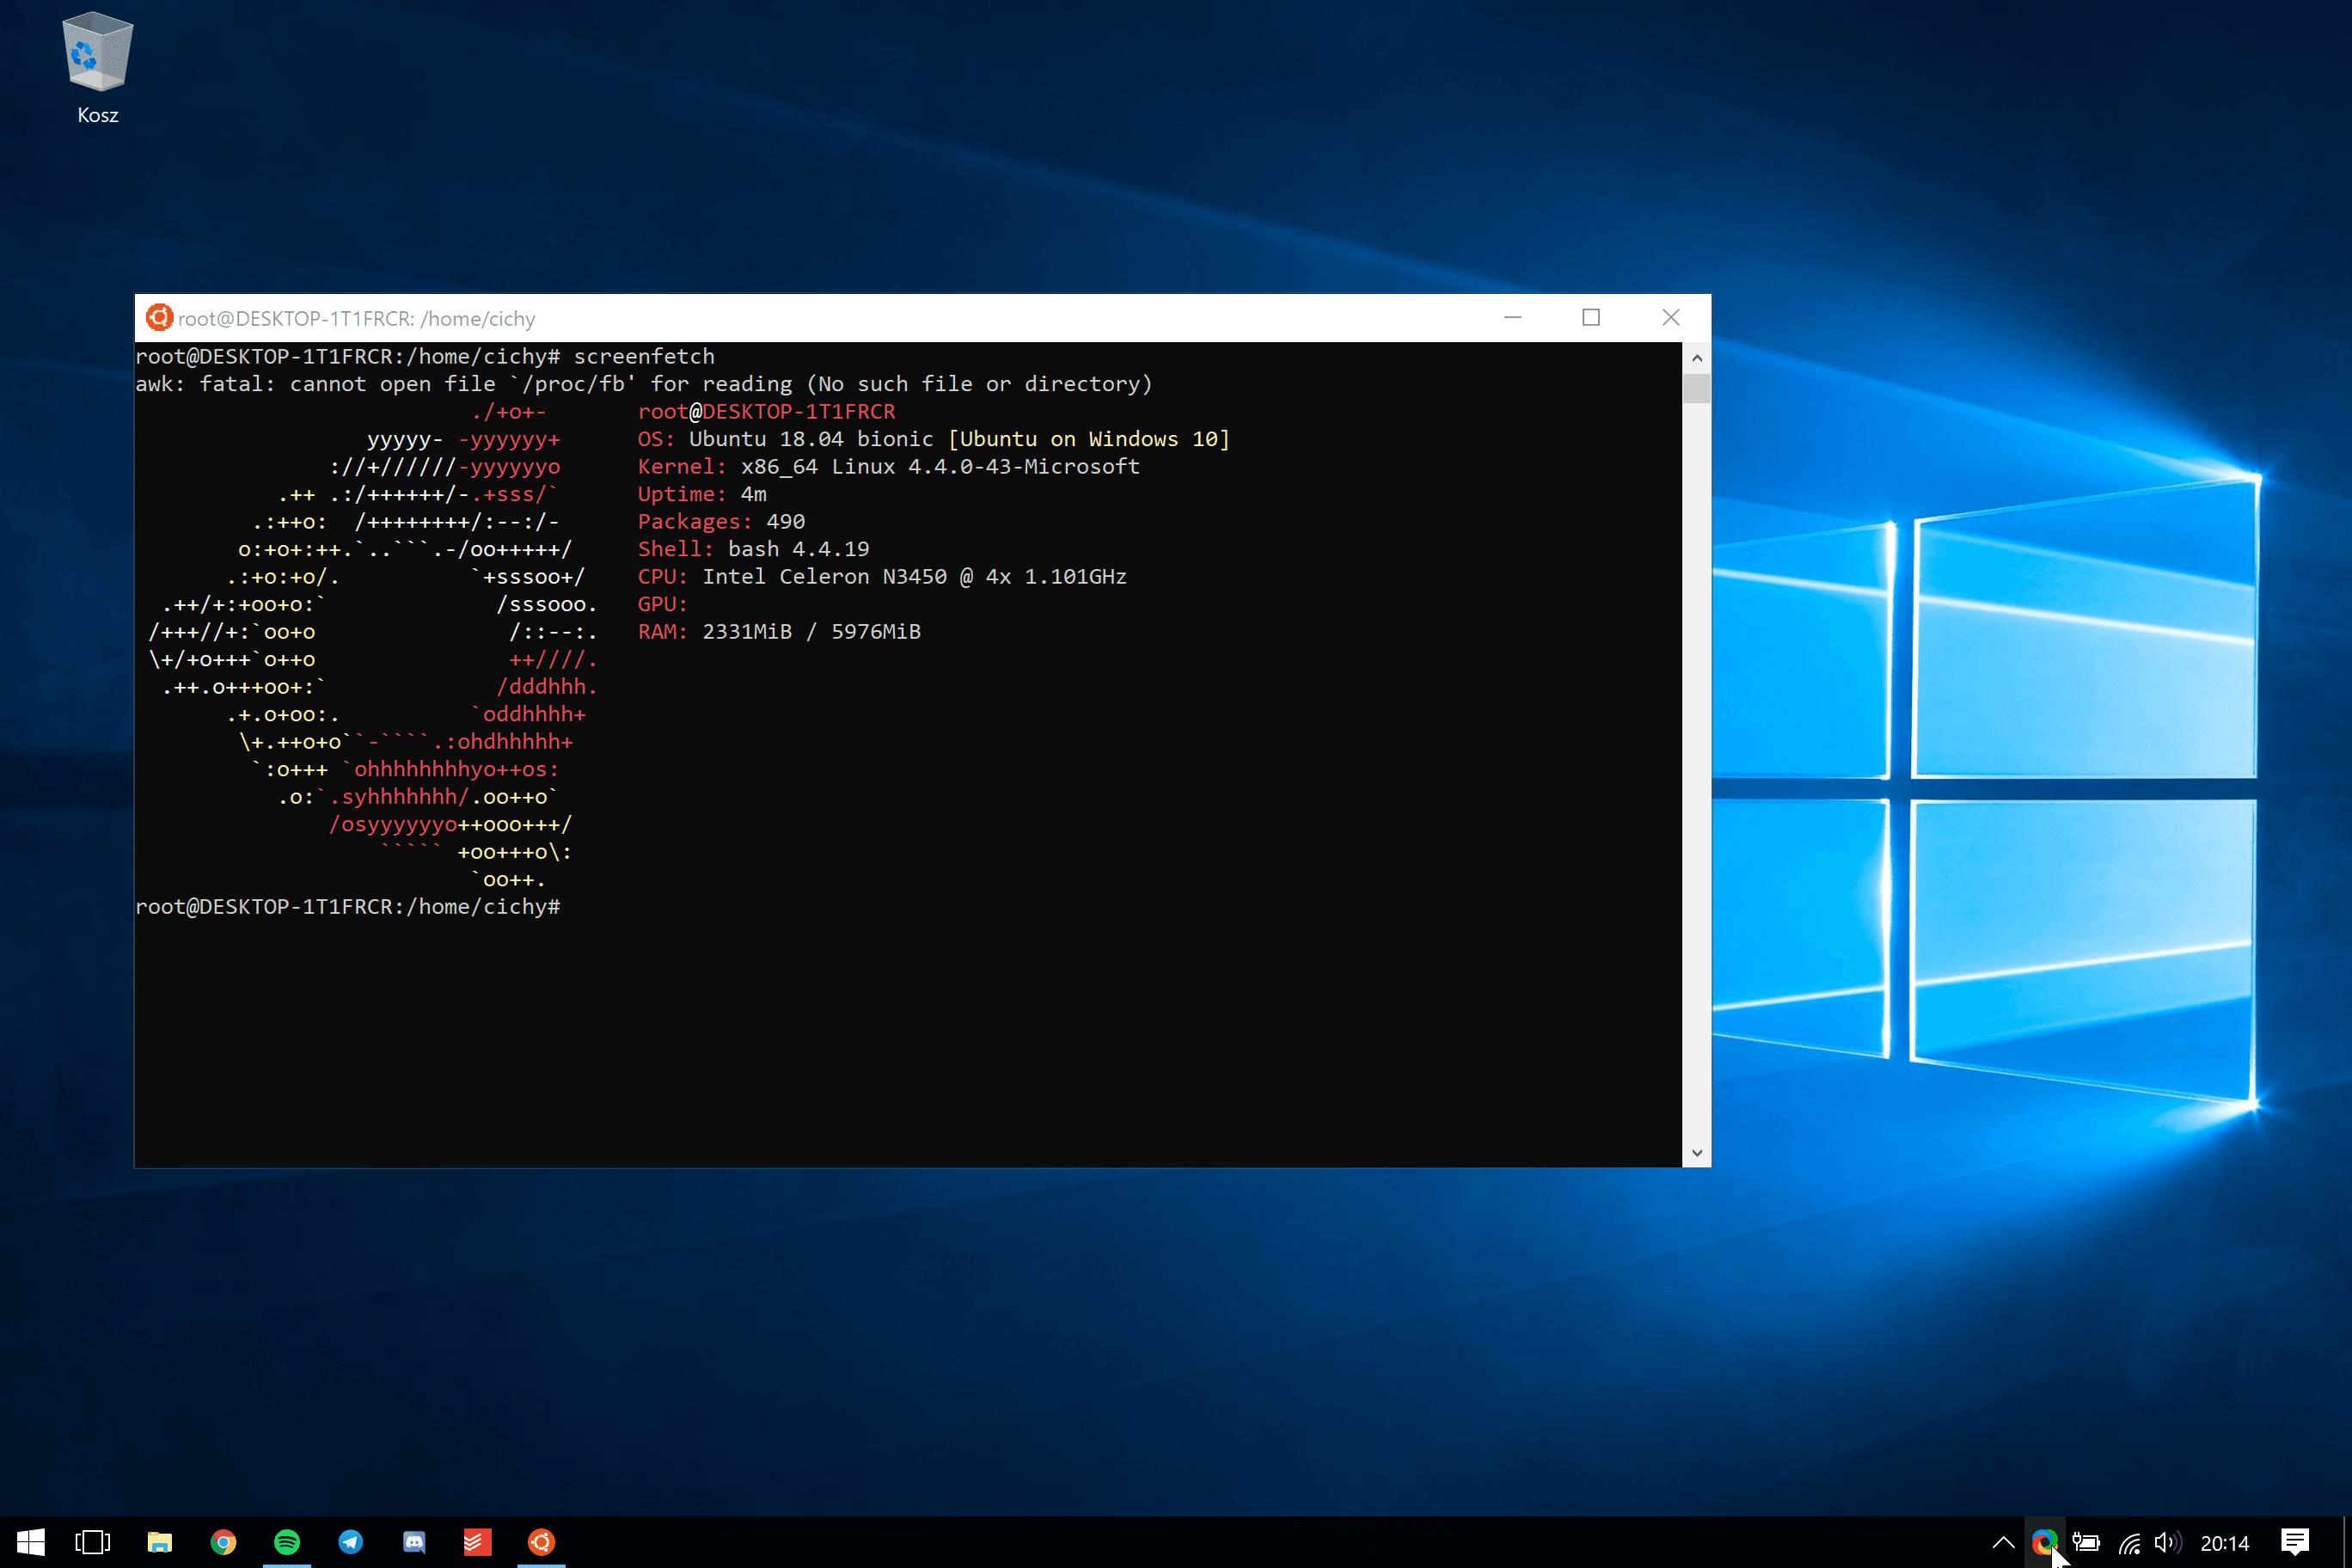 Microsoft dodał nowe funkcje do usługi Windows Subsystem for Linux 18